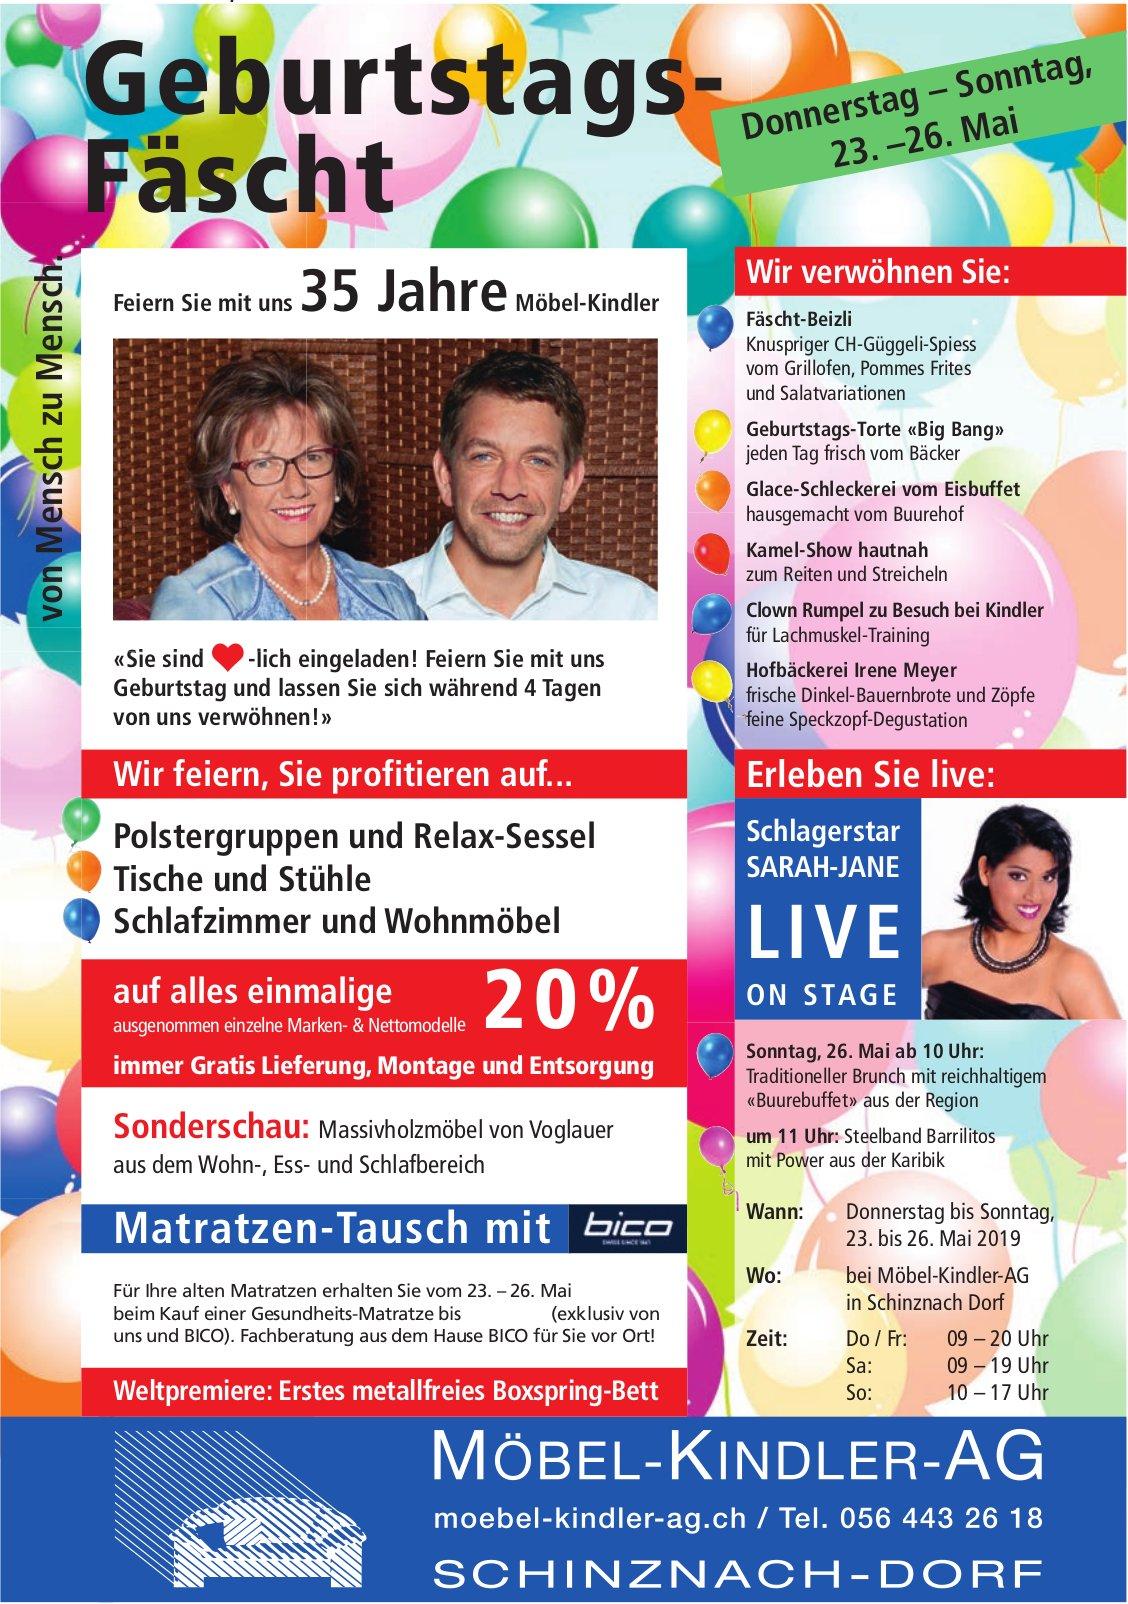 Möbel Kindler AG in Schinznach-Dorf - Geburtstagsfest vom 23. bis 26. Mai